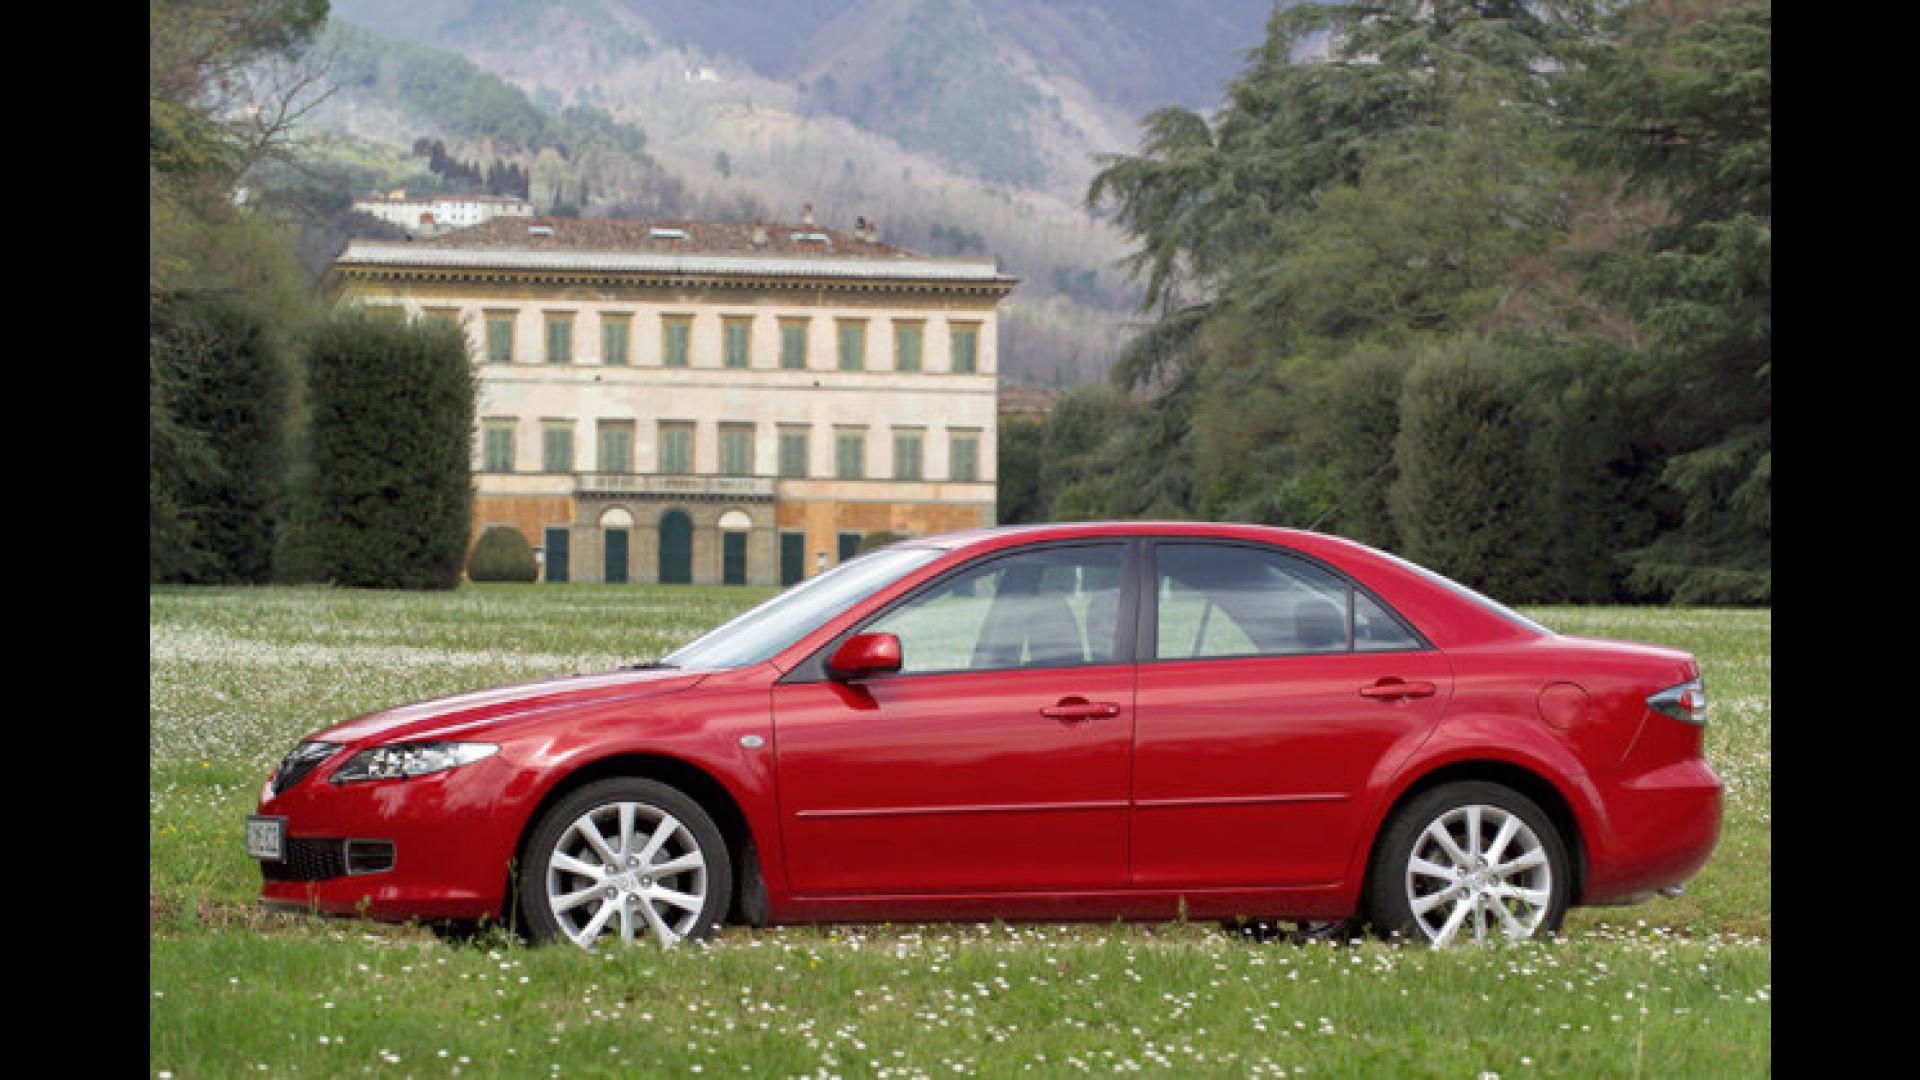 Sparsames Auslaufmodell: Der Mazda 6 Mit Autogas-Antrieb